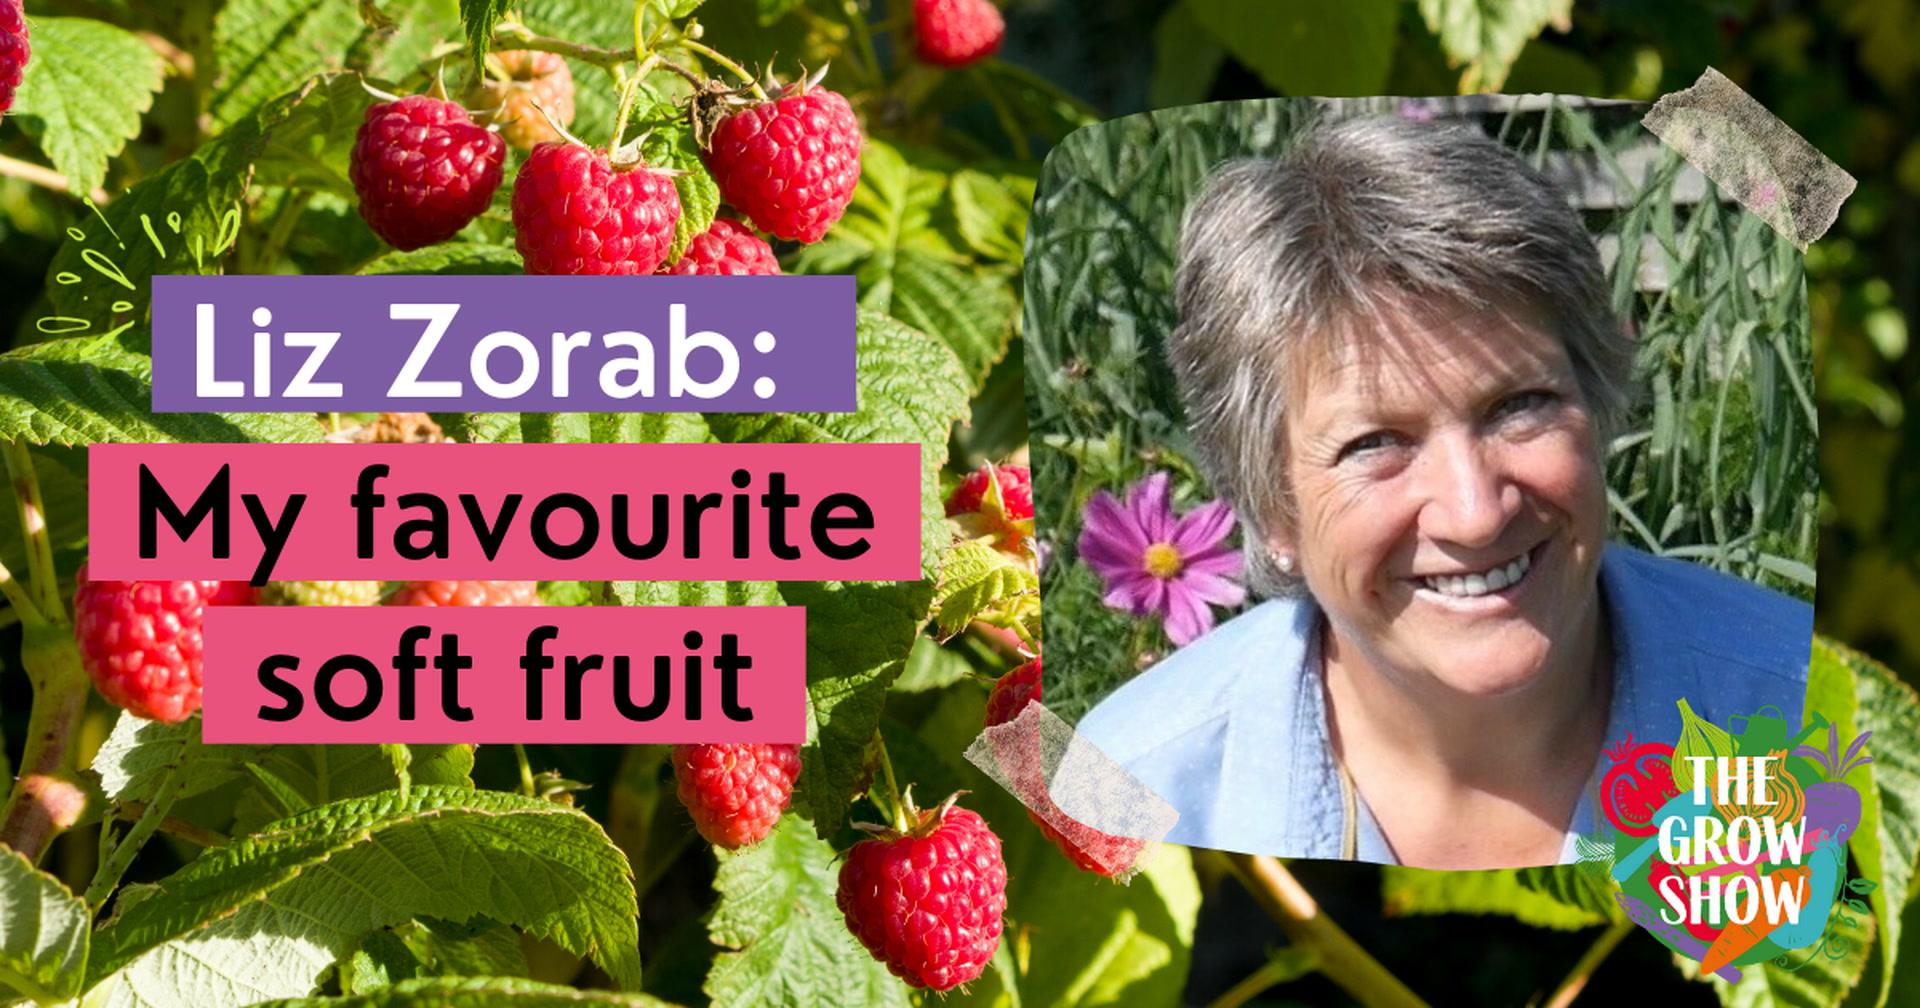 Liz Zorab: My favourite soft fruit